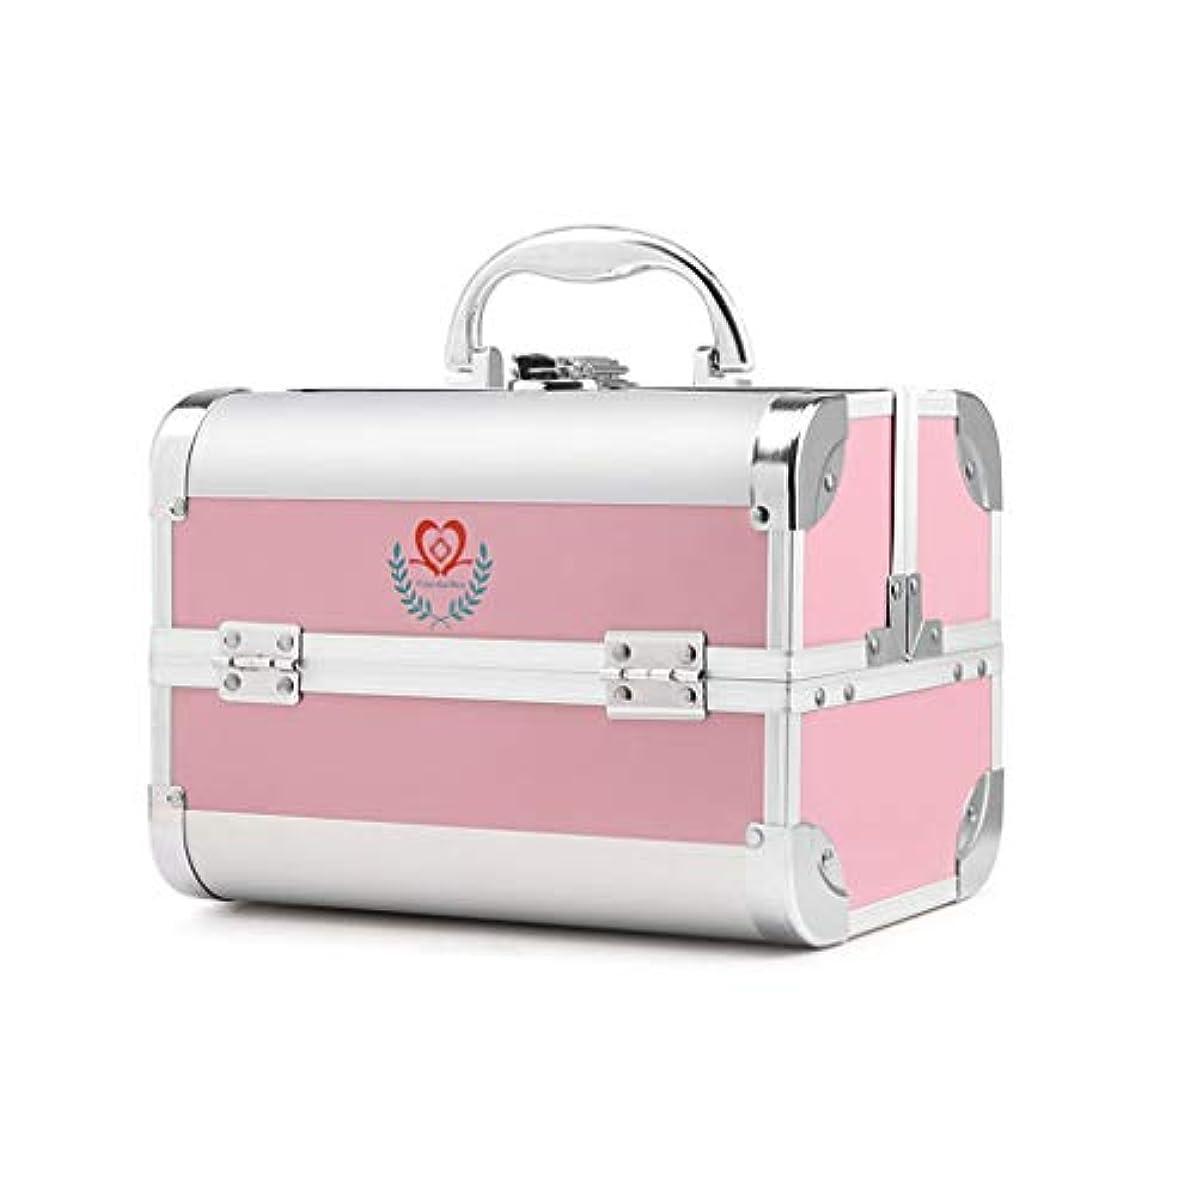 十分ペレグリネーションメロドラマティックDjyyh 大型応急処置応急処置ボックス家庭用収納ボックス、3棚金属キット緊急キットオーガナイザー (Color : Pink)